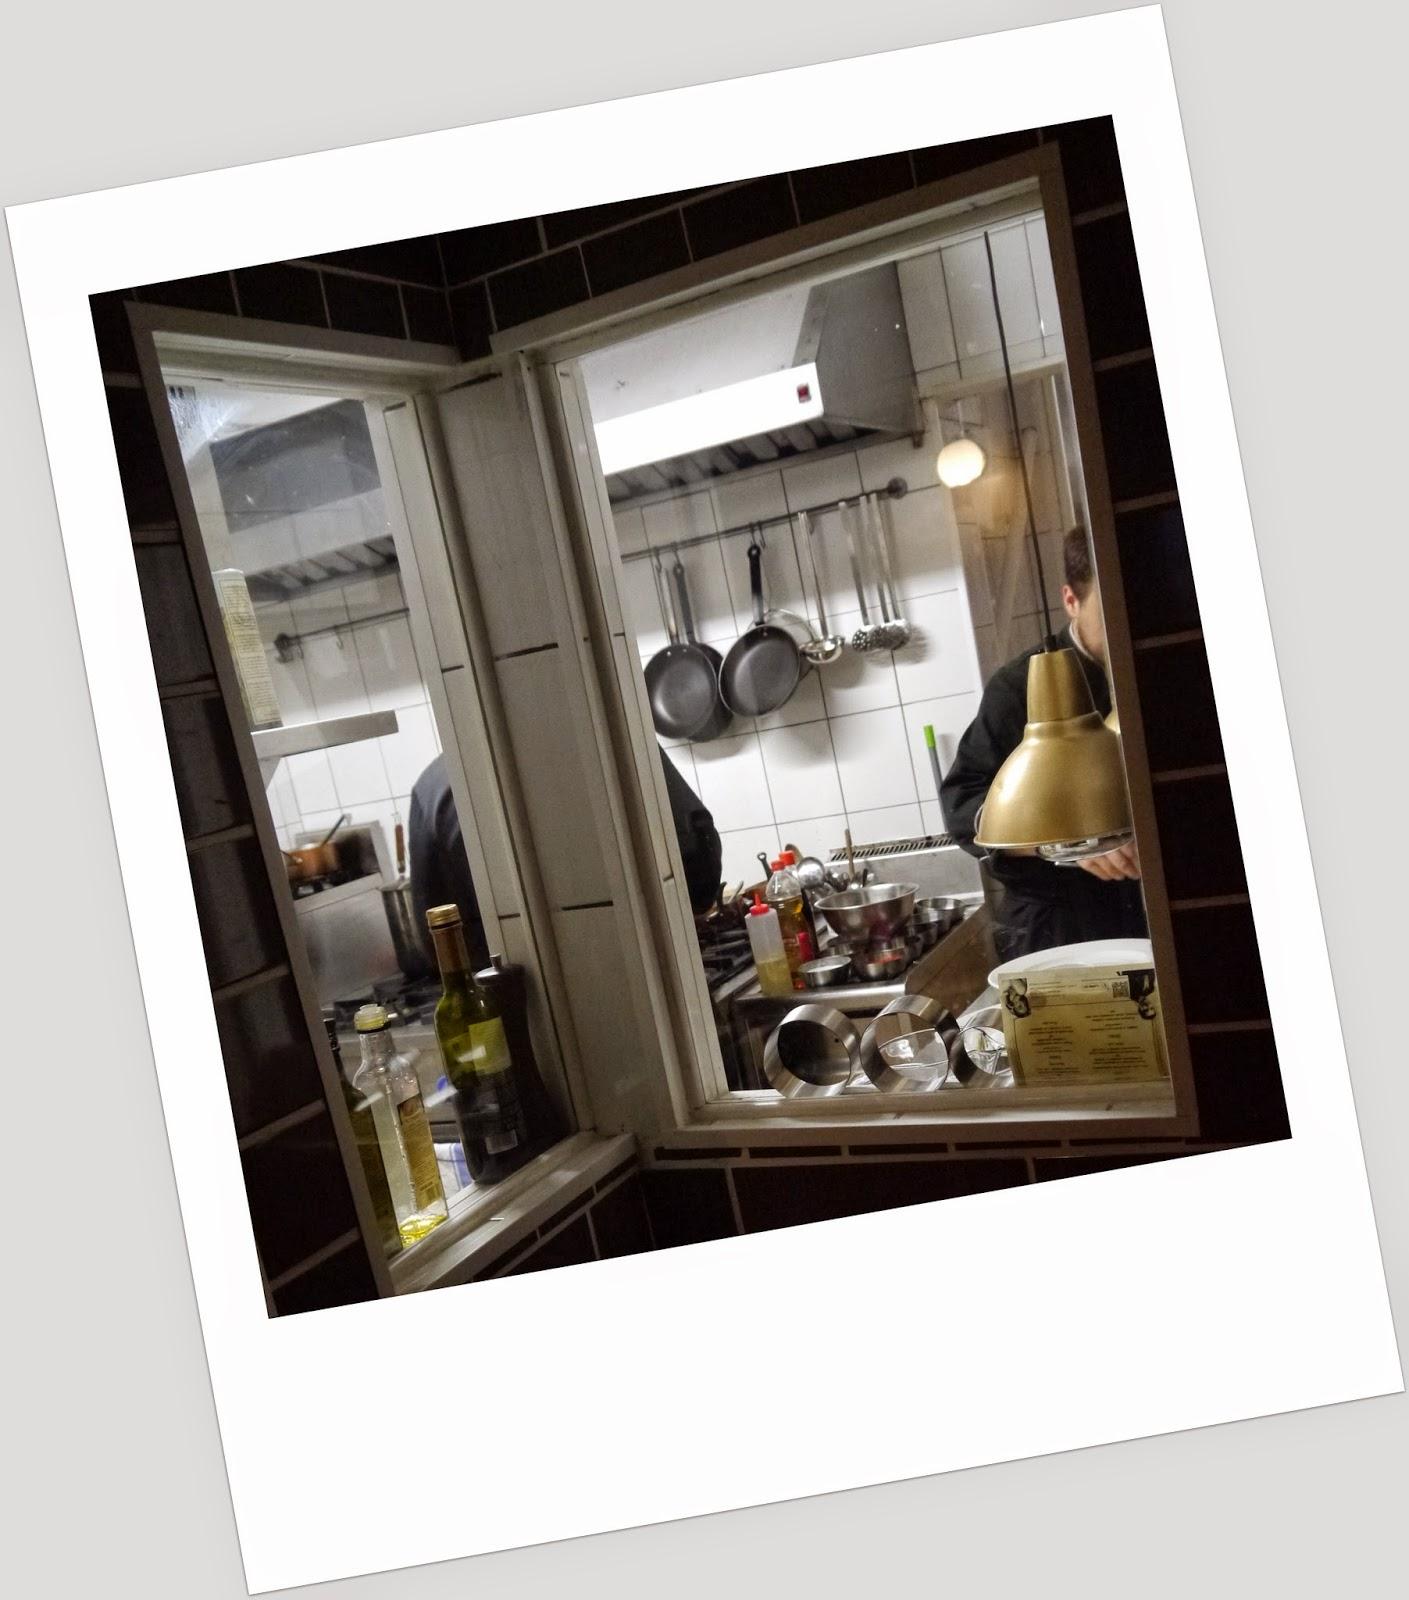 Brasserie sztuka, kuchnia